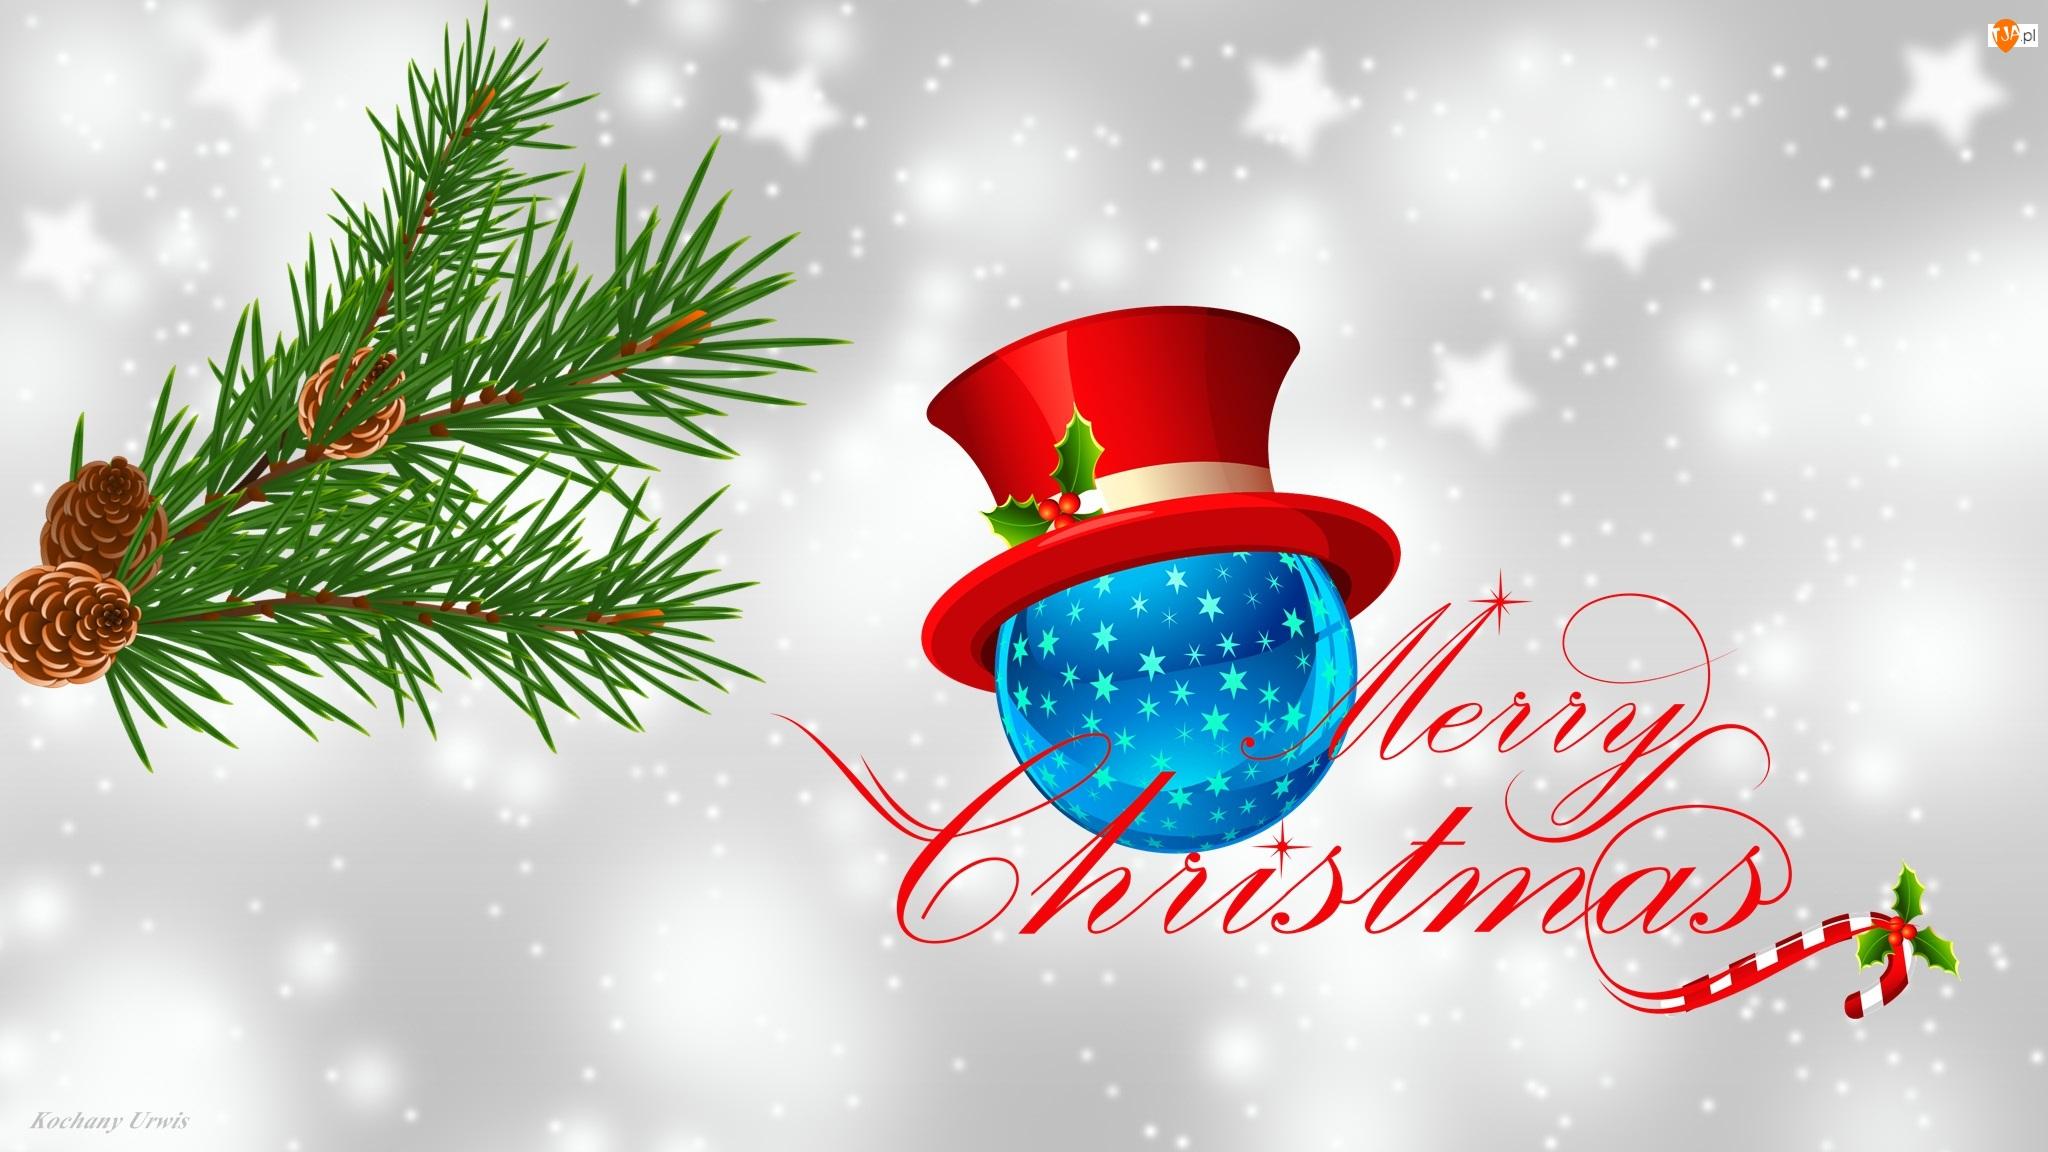 Szyszki, Gałązka, Napis, Grafika 2D, Boże Narodzenie, Merry Christmas, Świerku